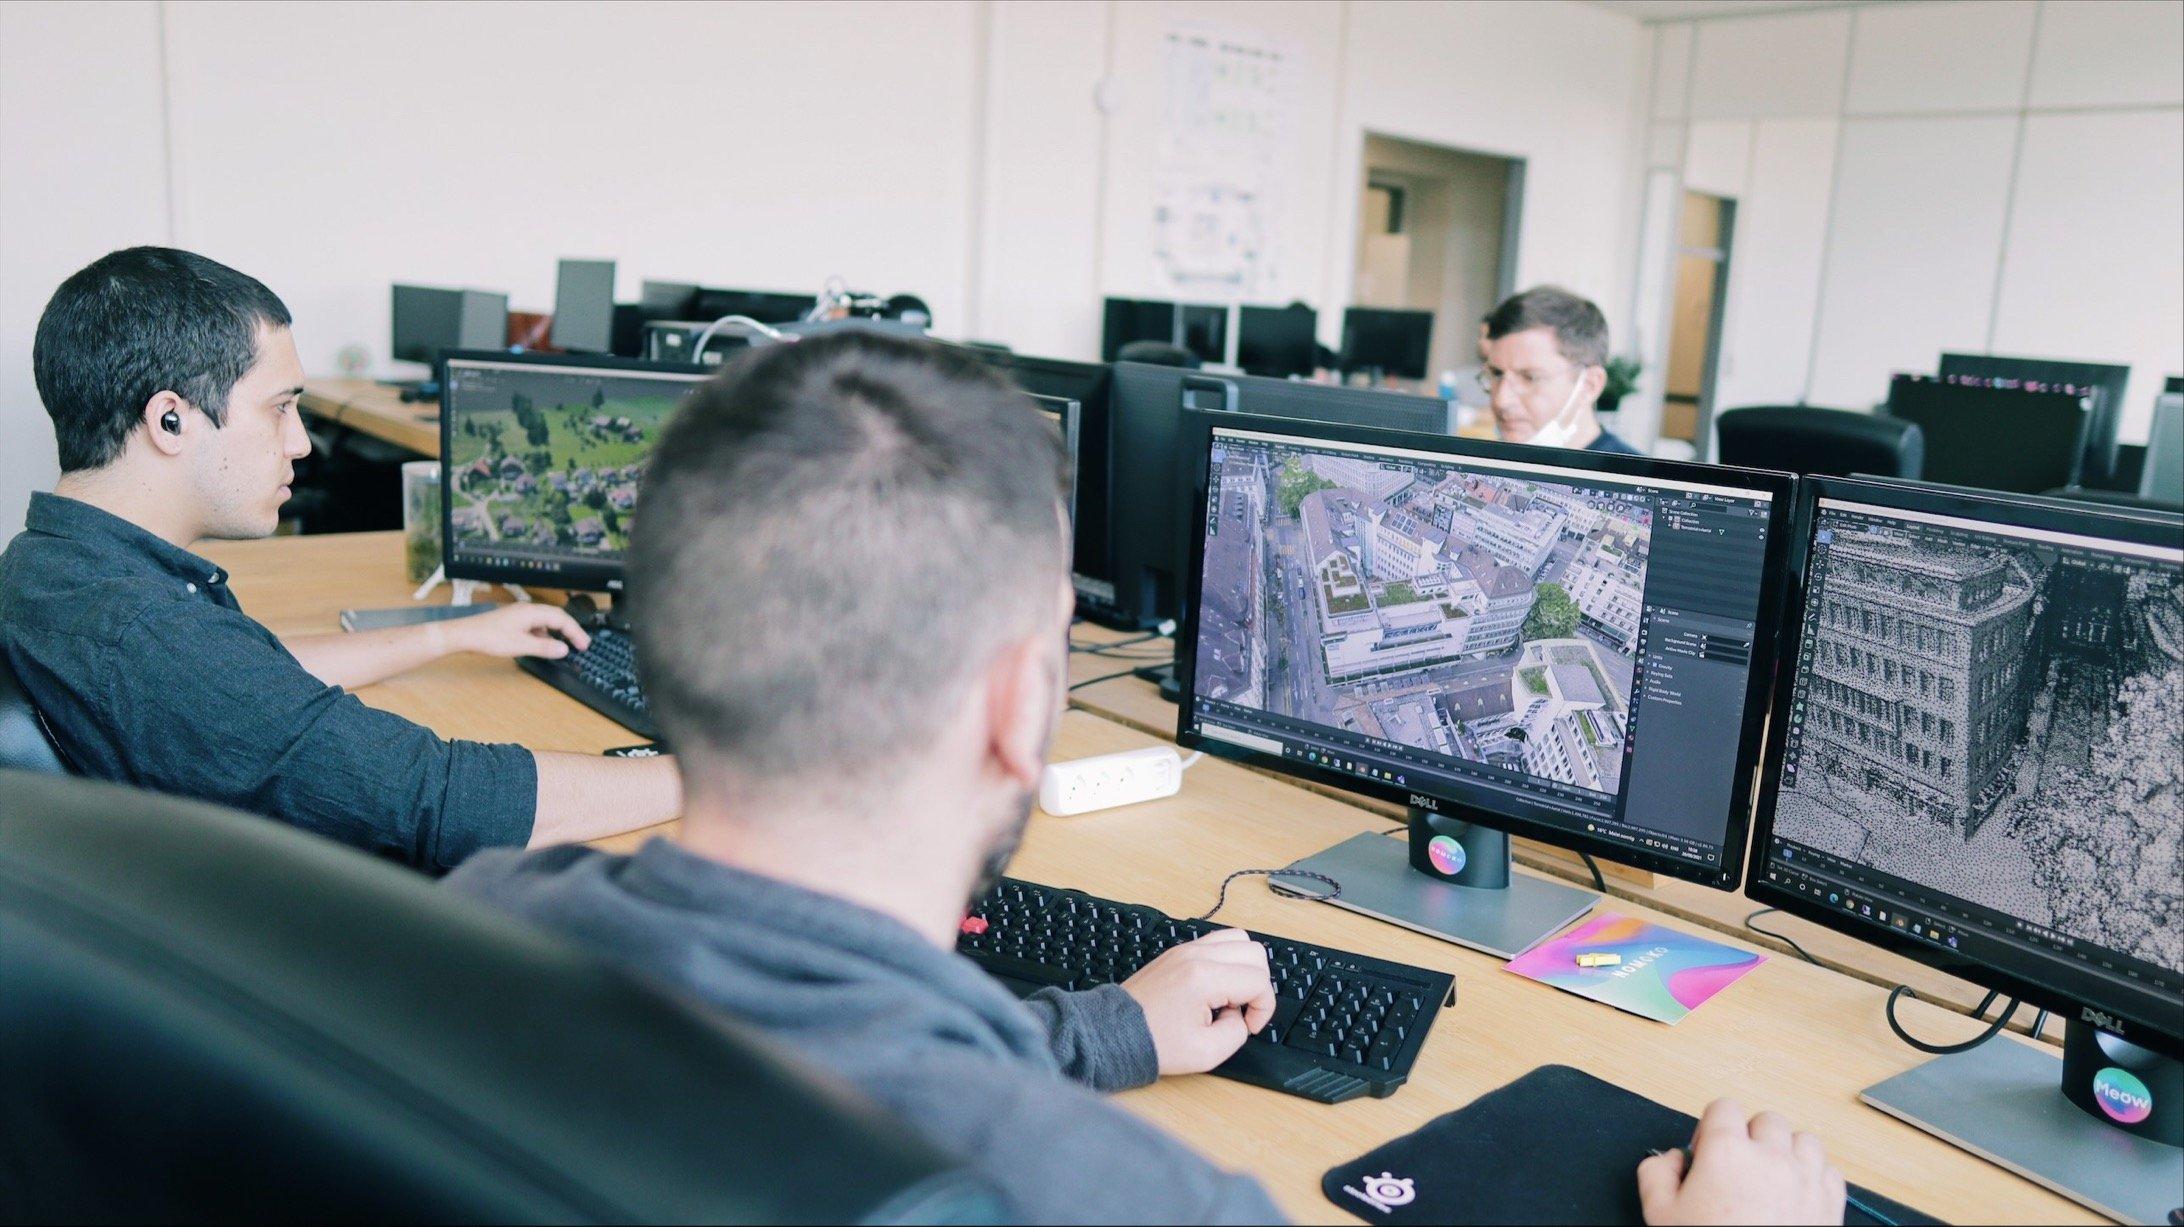 Das Team arbeitet hart daran, 2D-Bilder in 3D-Magie zu verwandeln